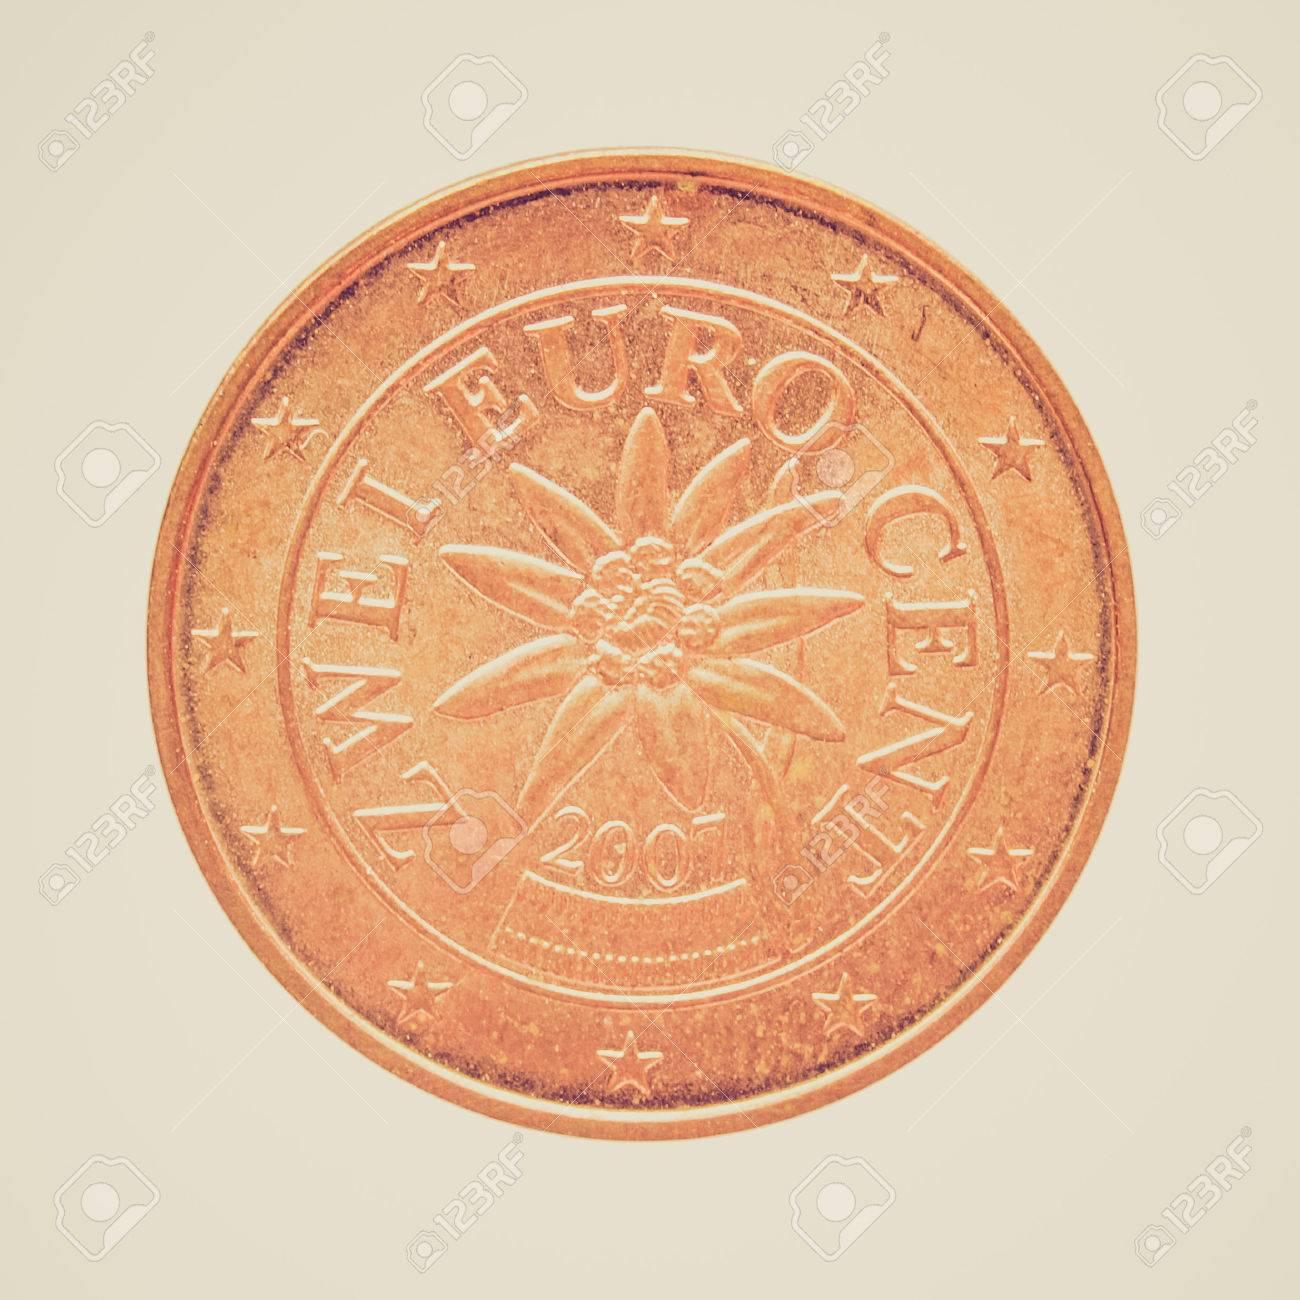 Weinlese Die Zwei Euro Cent Münze Geld Von österreich Mit Edelweiß